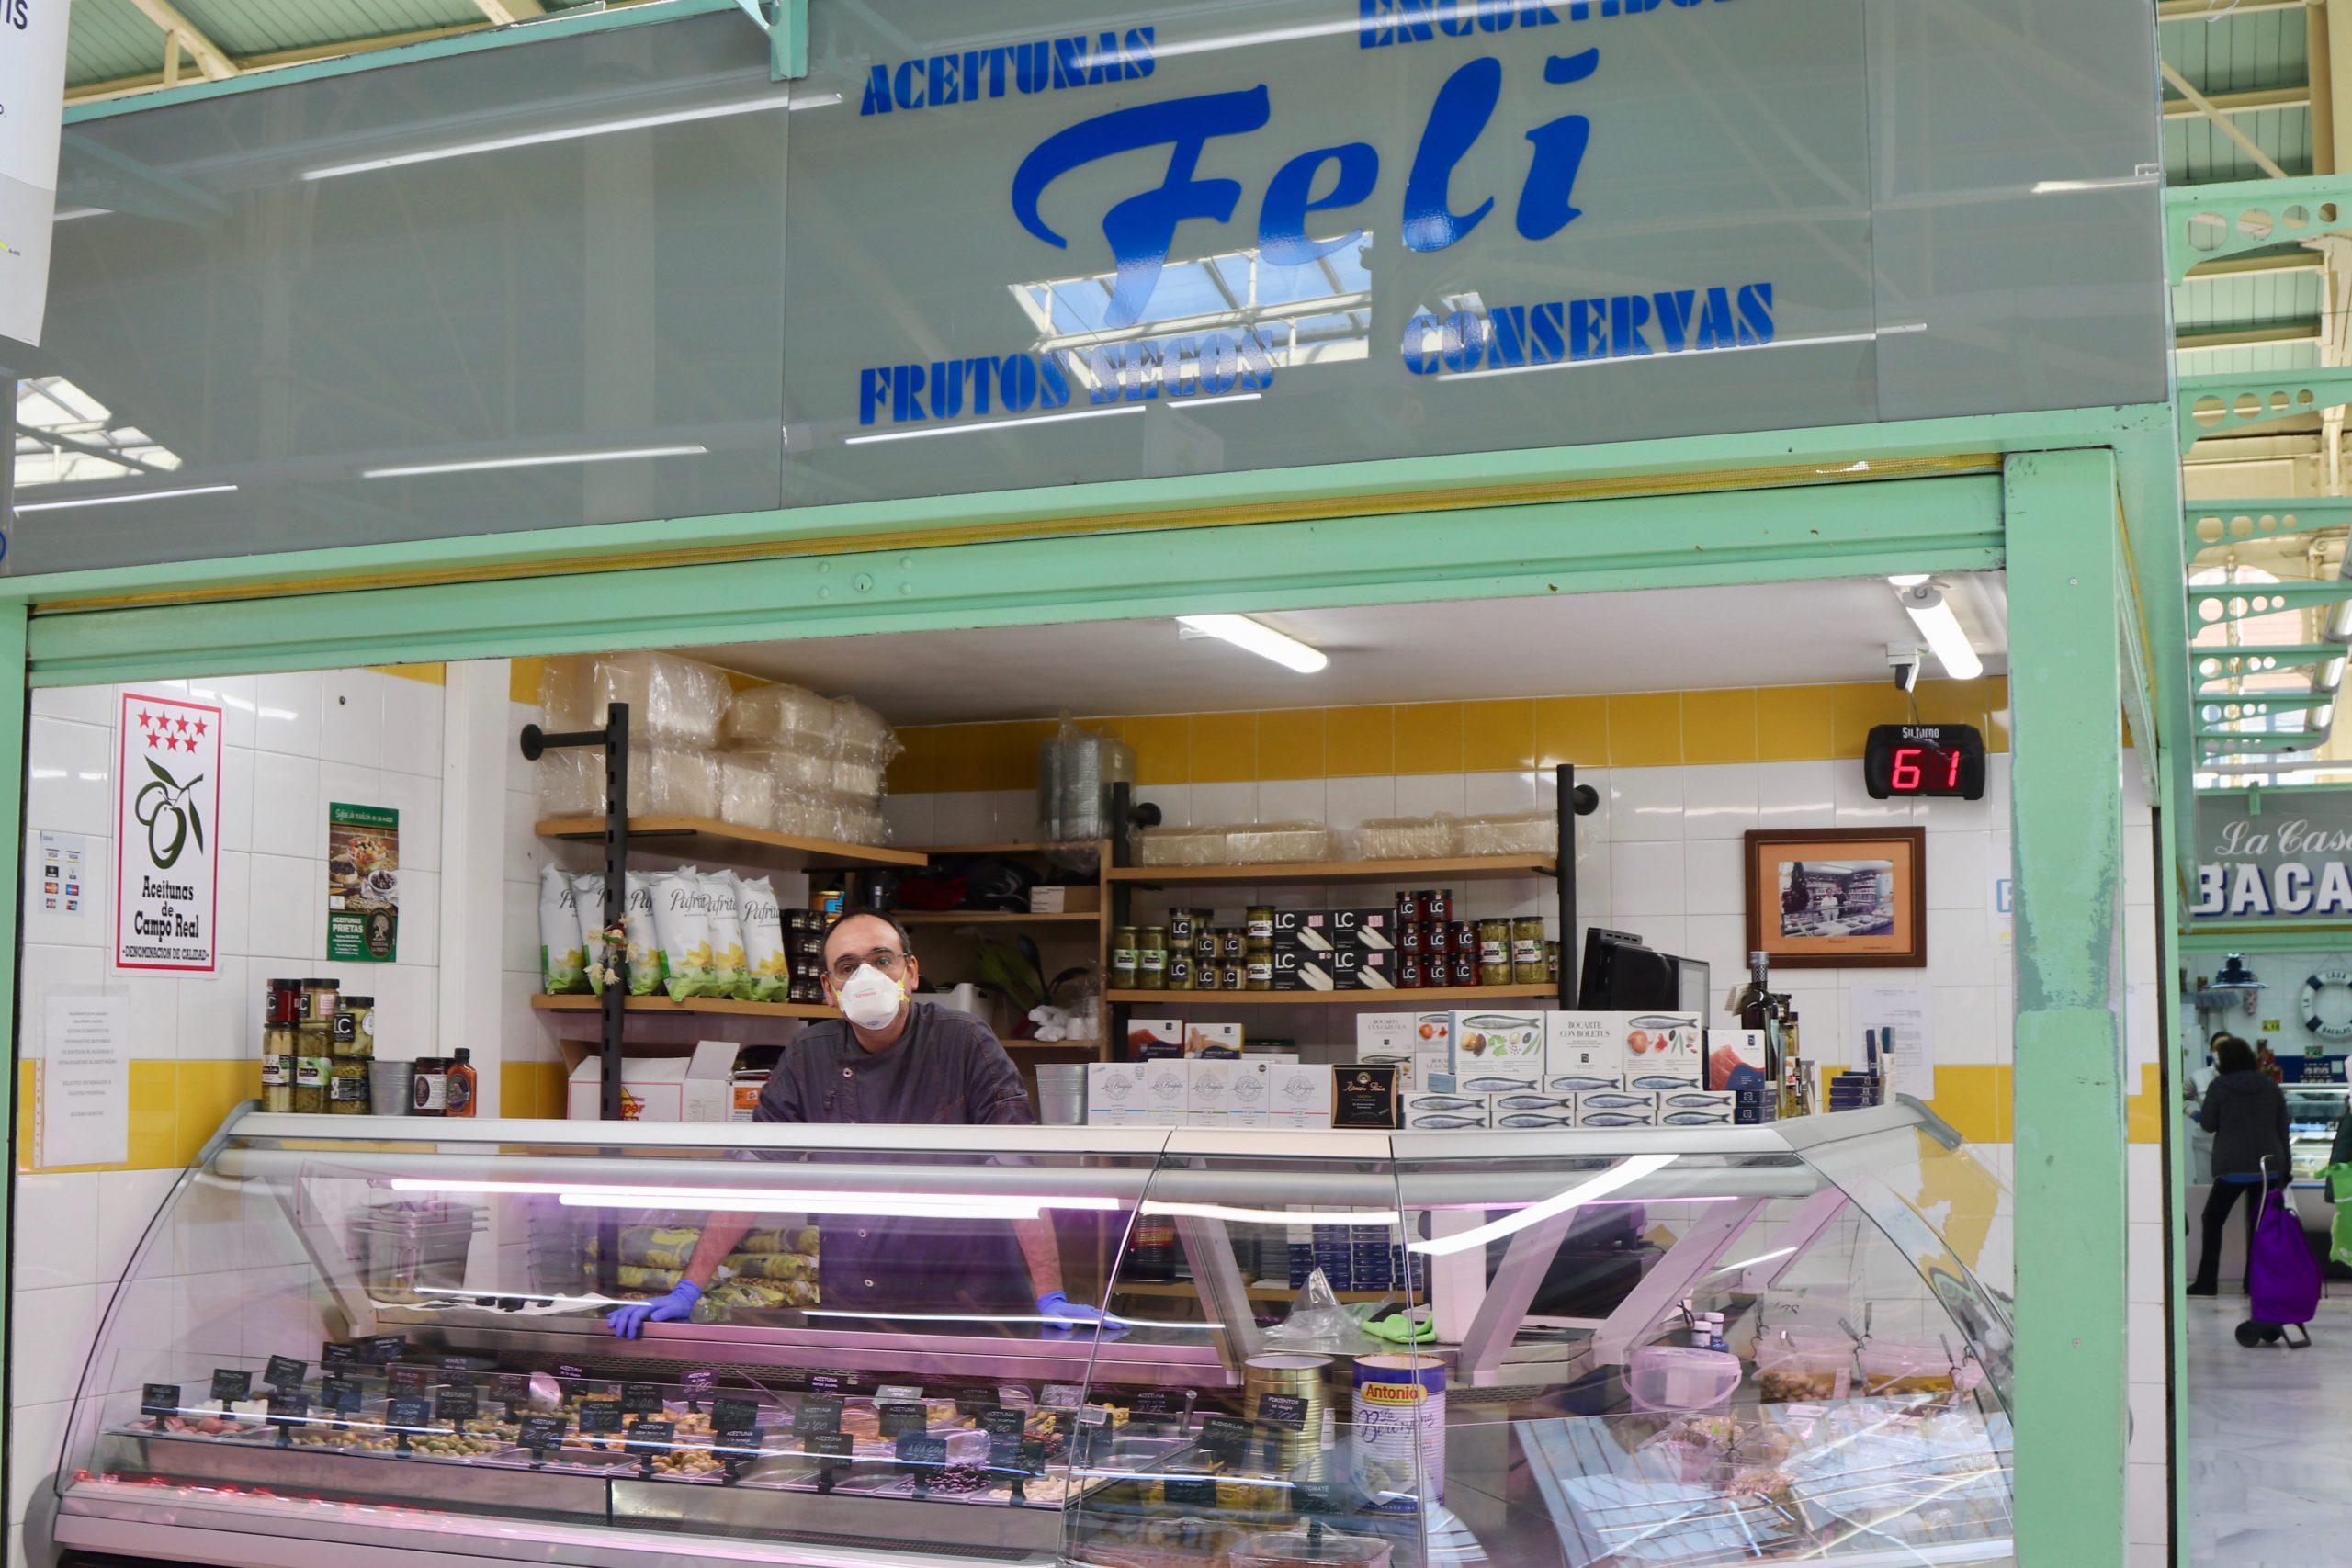 Aceitunas Feli en el mercado El Fontán